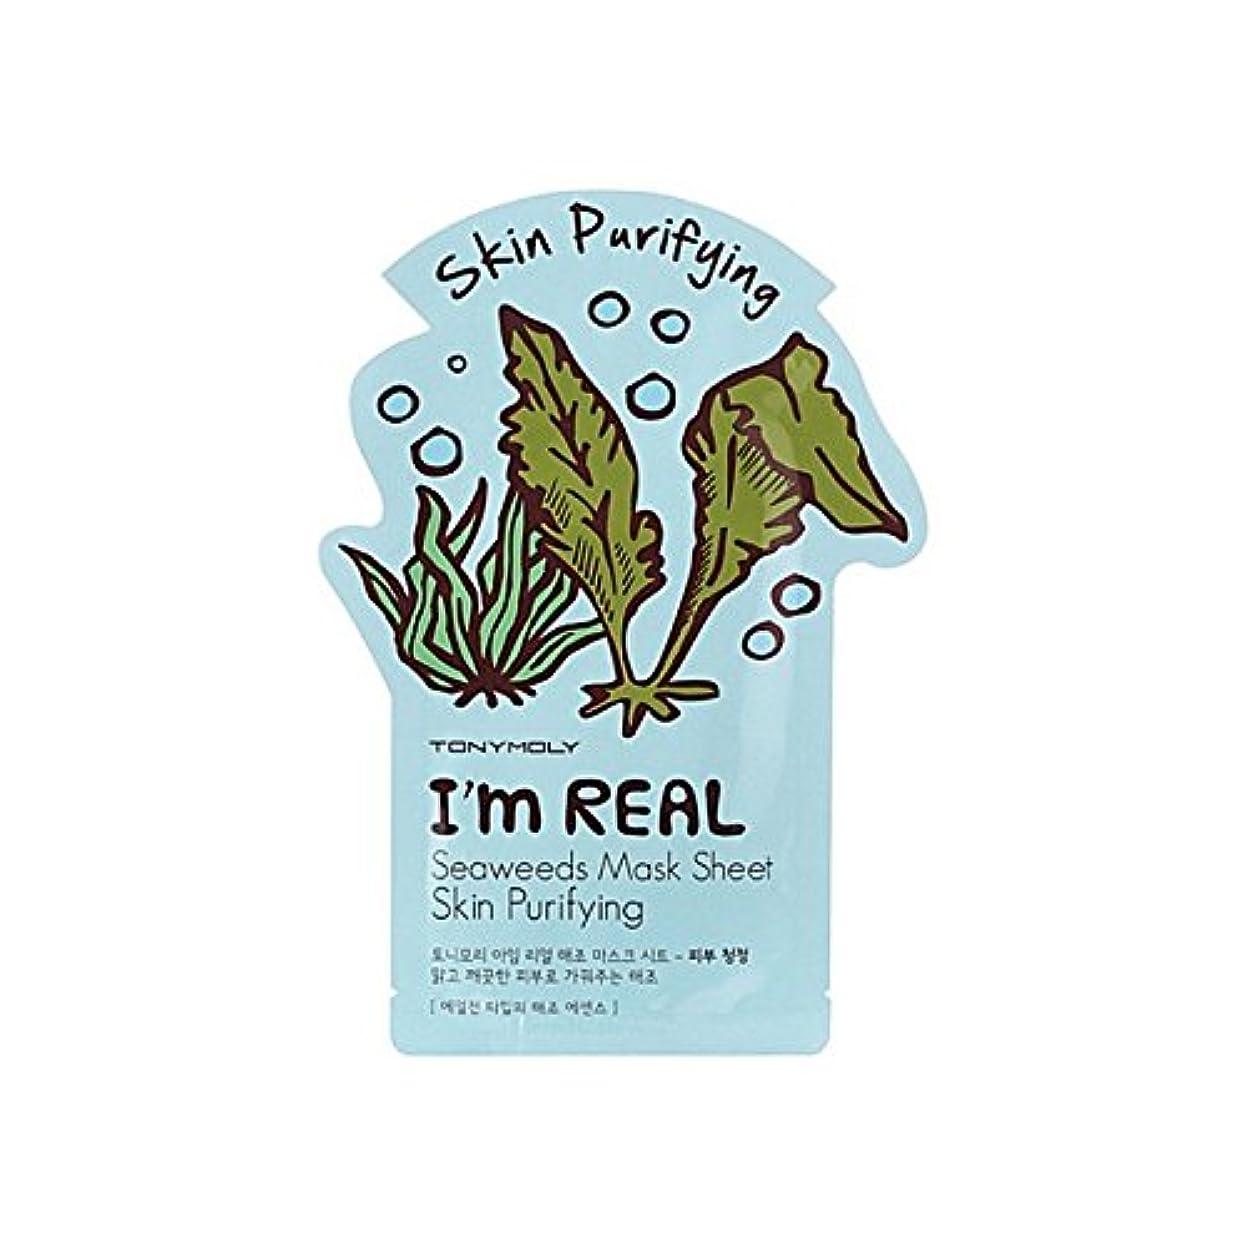 重要な役割を果たす、中心的な手段となる仕立て屋下線トニーモリー私は本当の肌浄化海藻フェイスマスクです x4 - Tony Moly I'M Real Skin Purifying Seaweed Face Mask (Pack of 4) [並行輸入品]